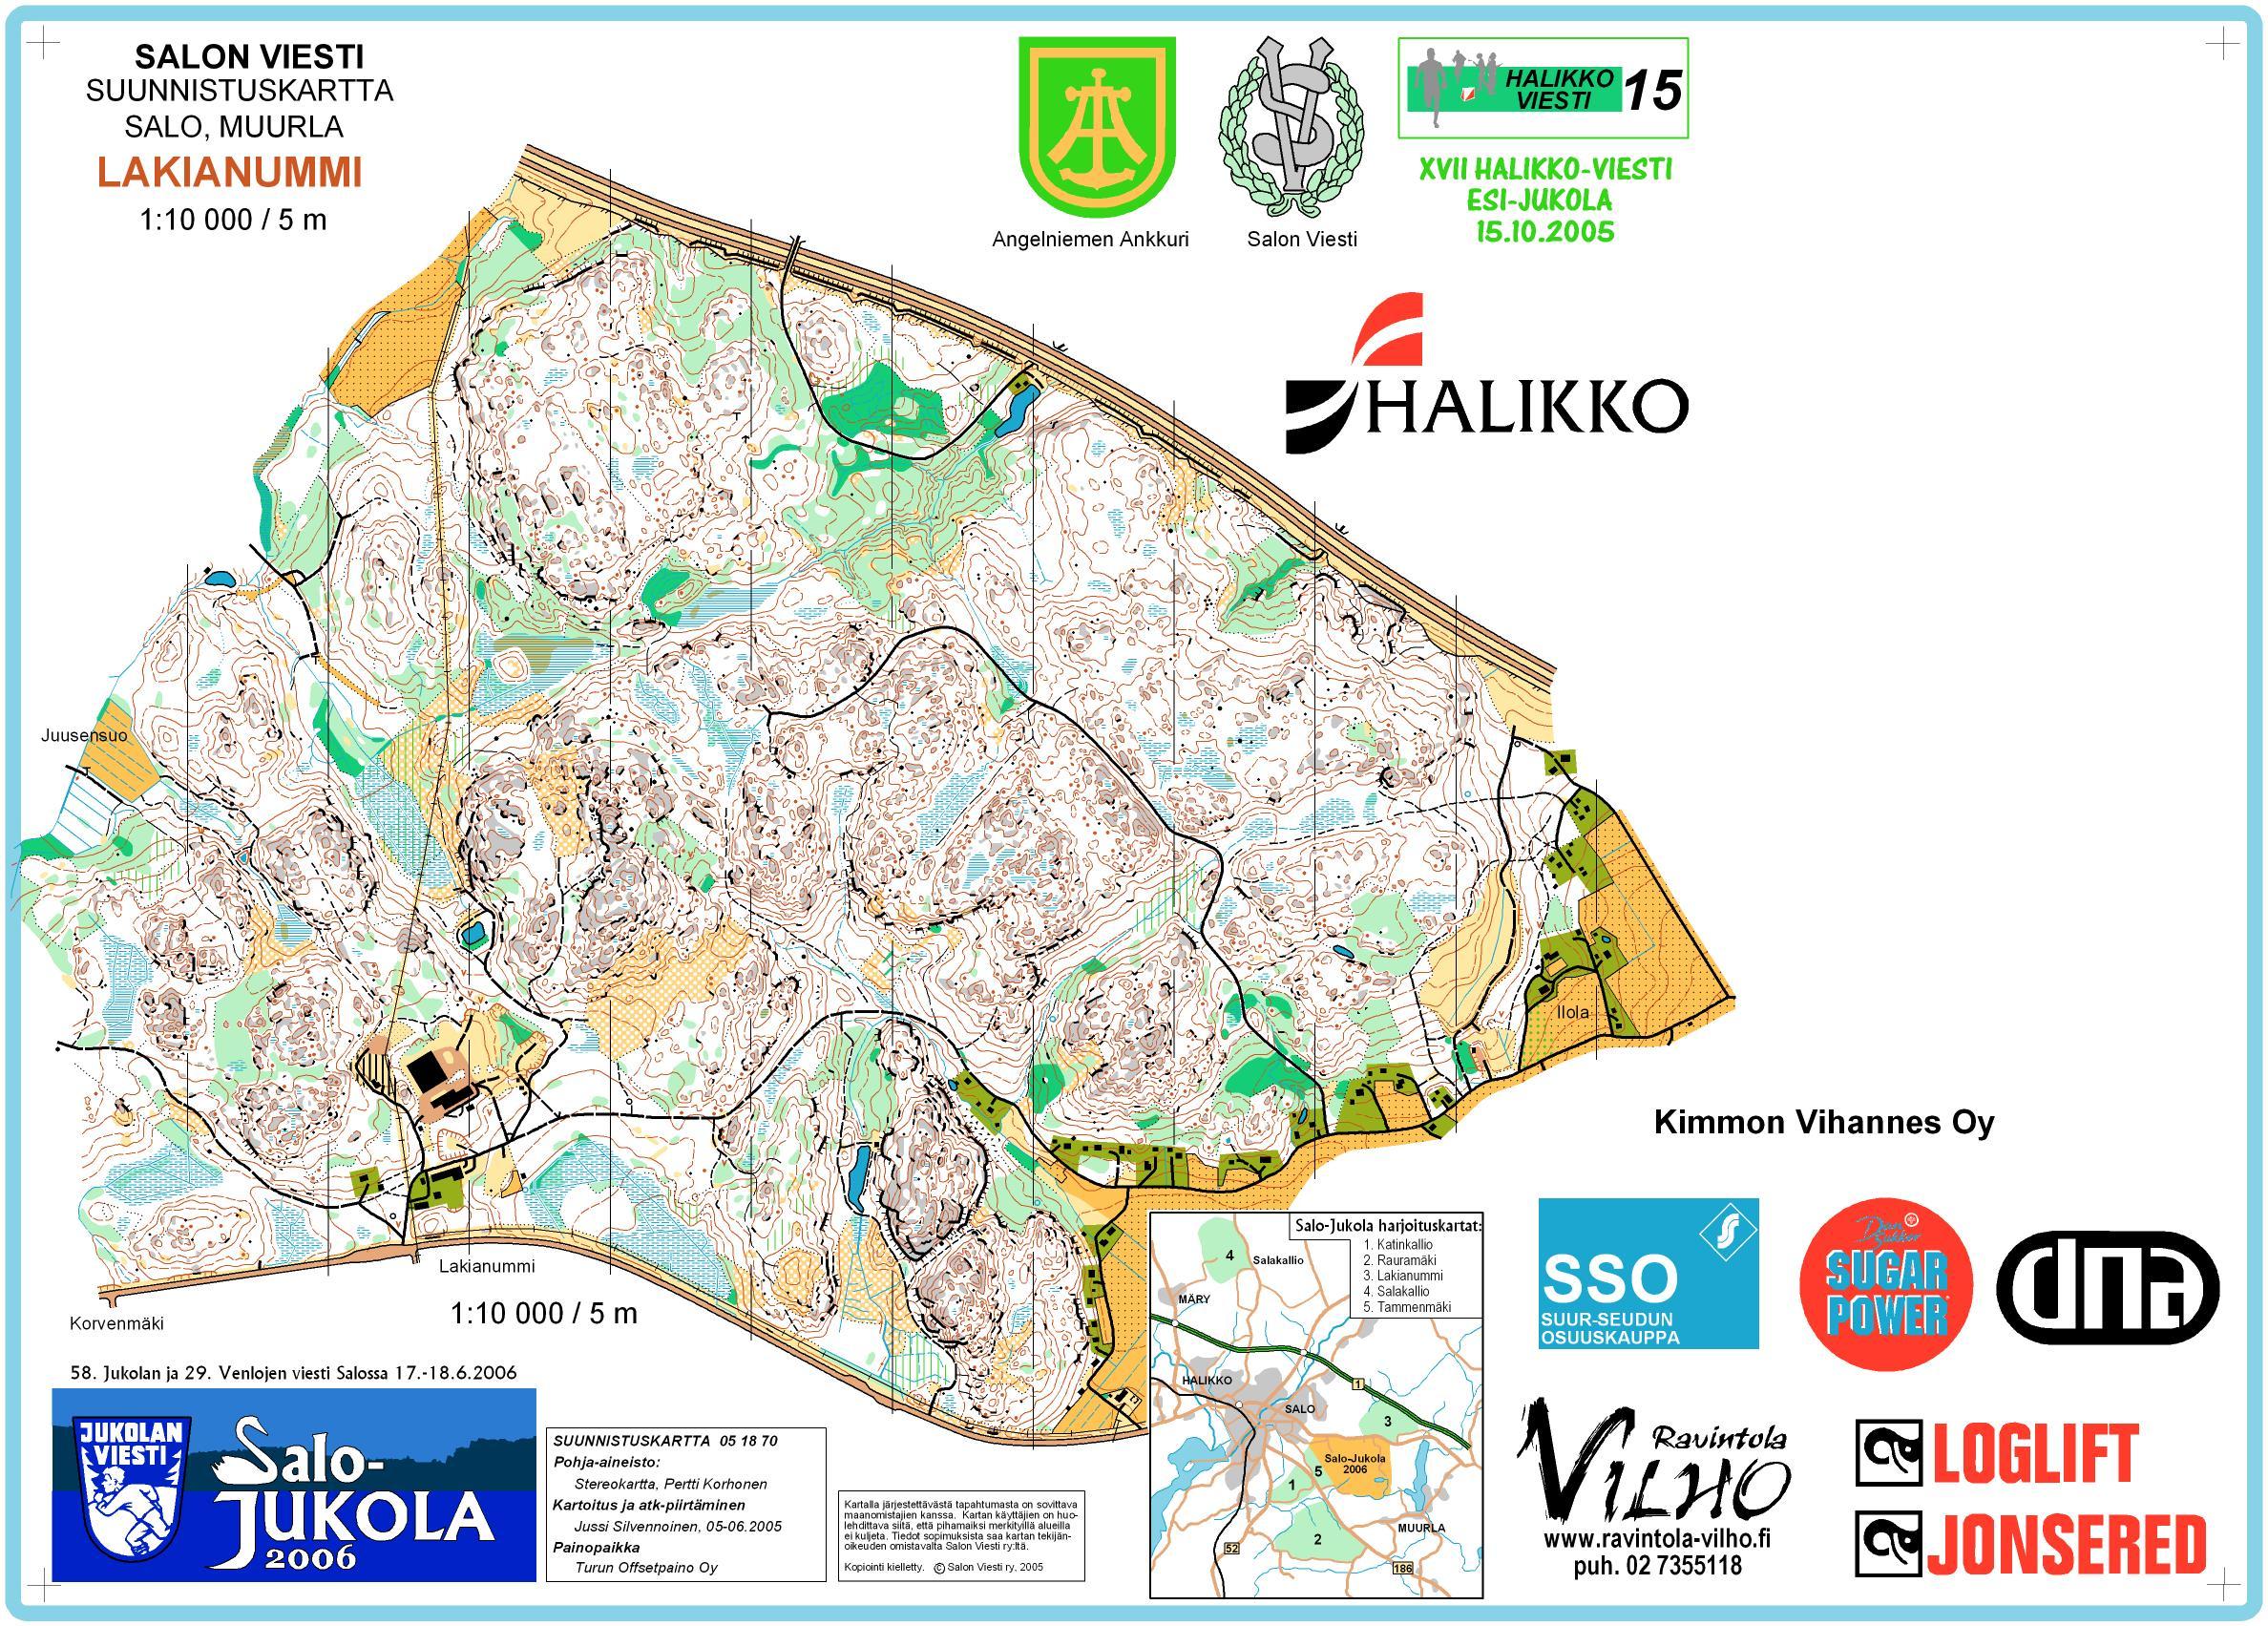 2005 10 15 Halikko Viesti Esi Jukola 2005